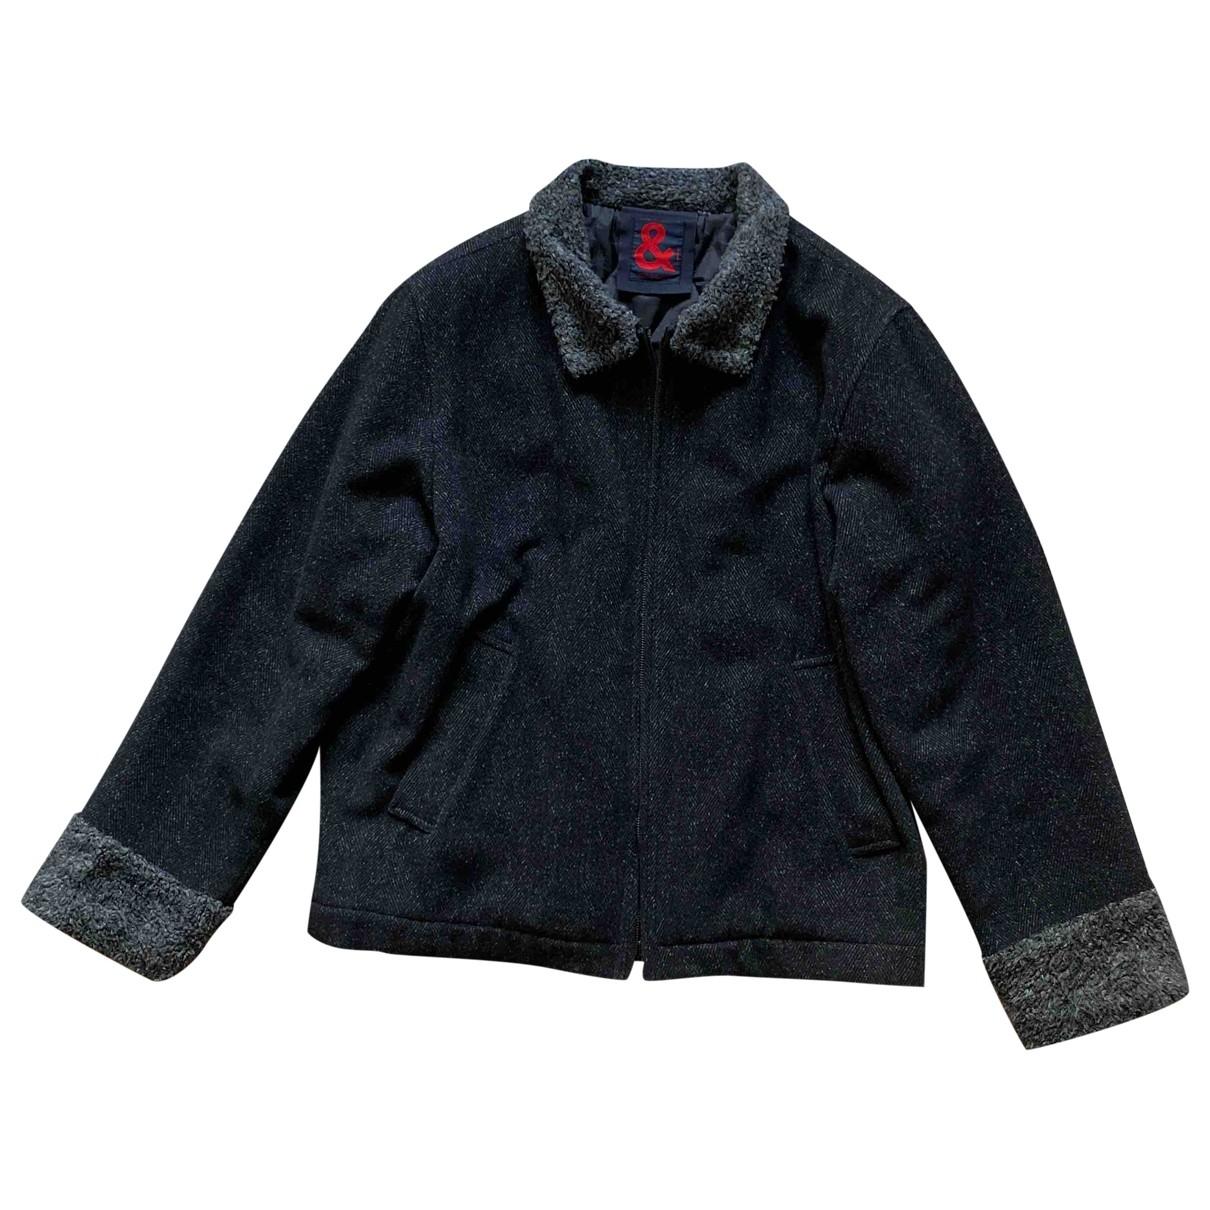 D&g - Vestes.Blousons   pour homme en laine - noir